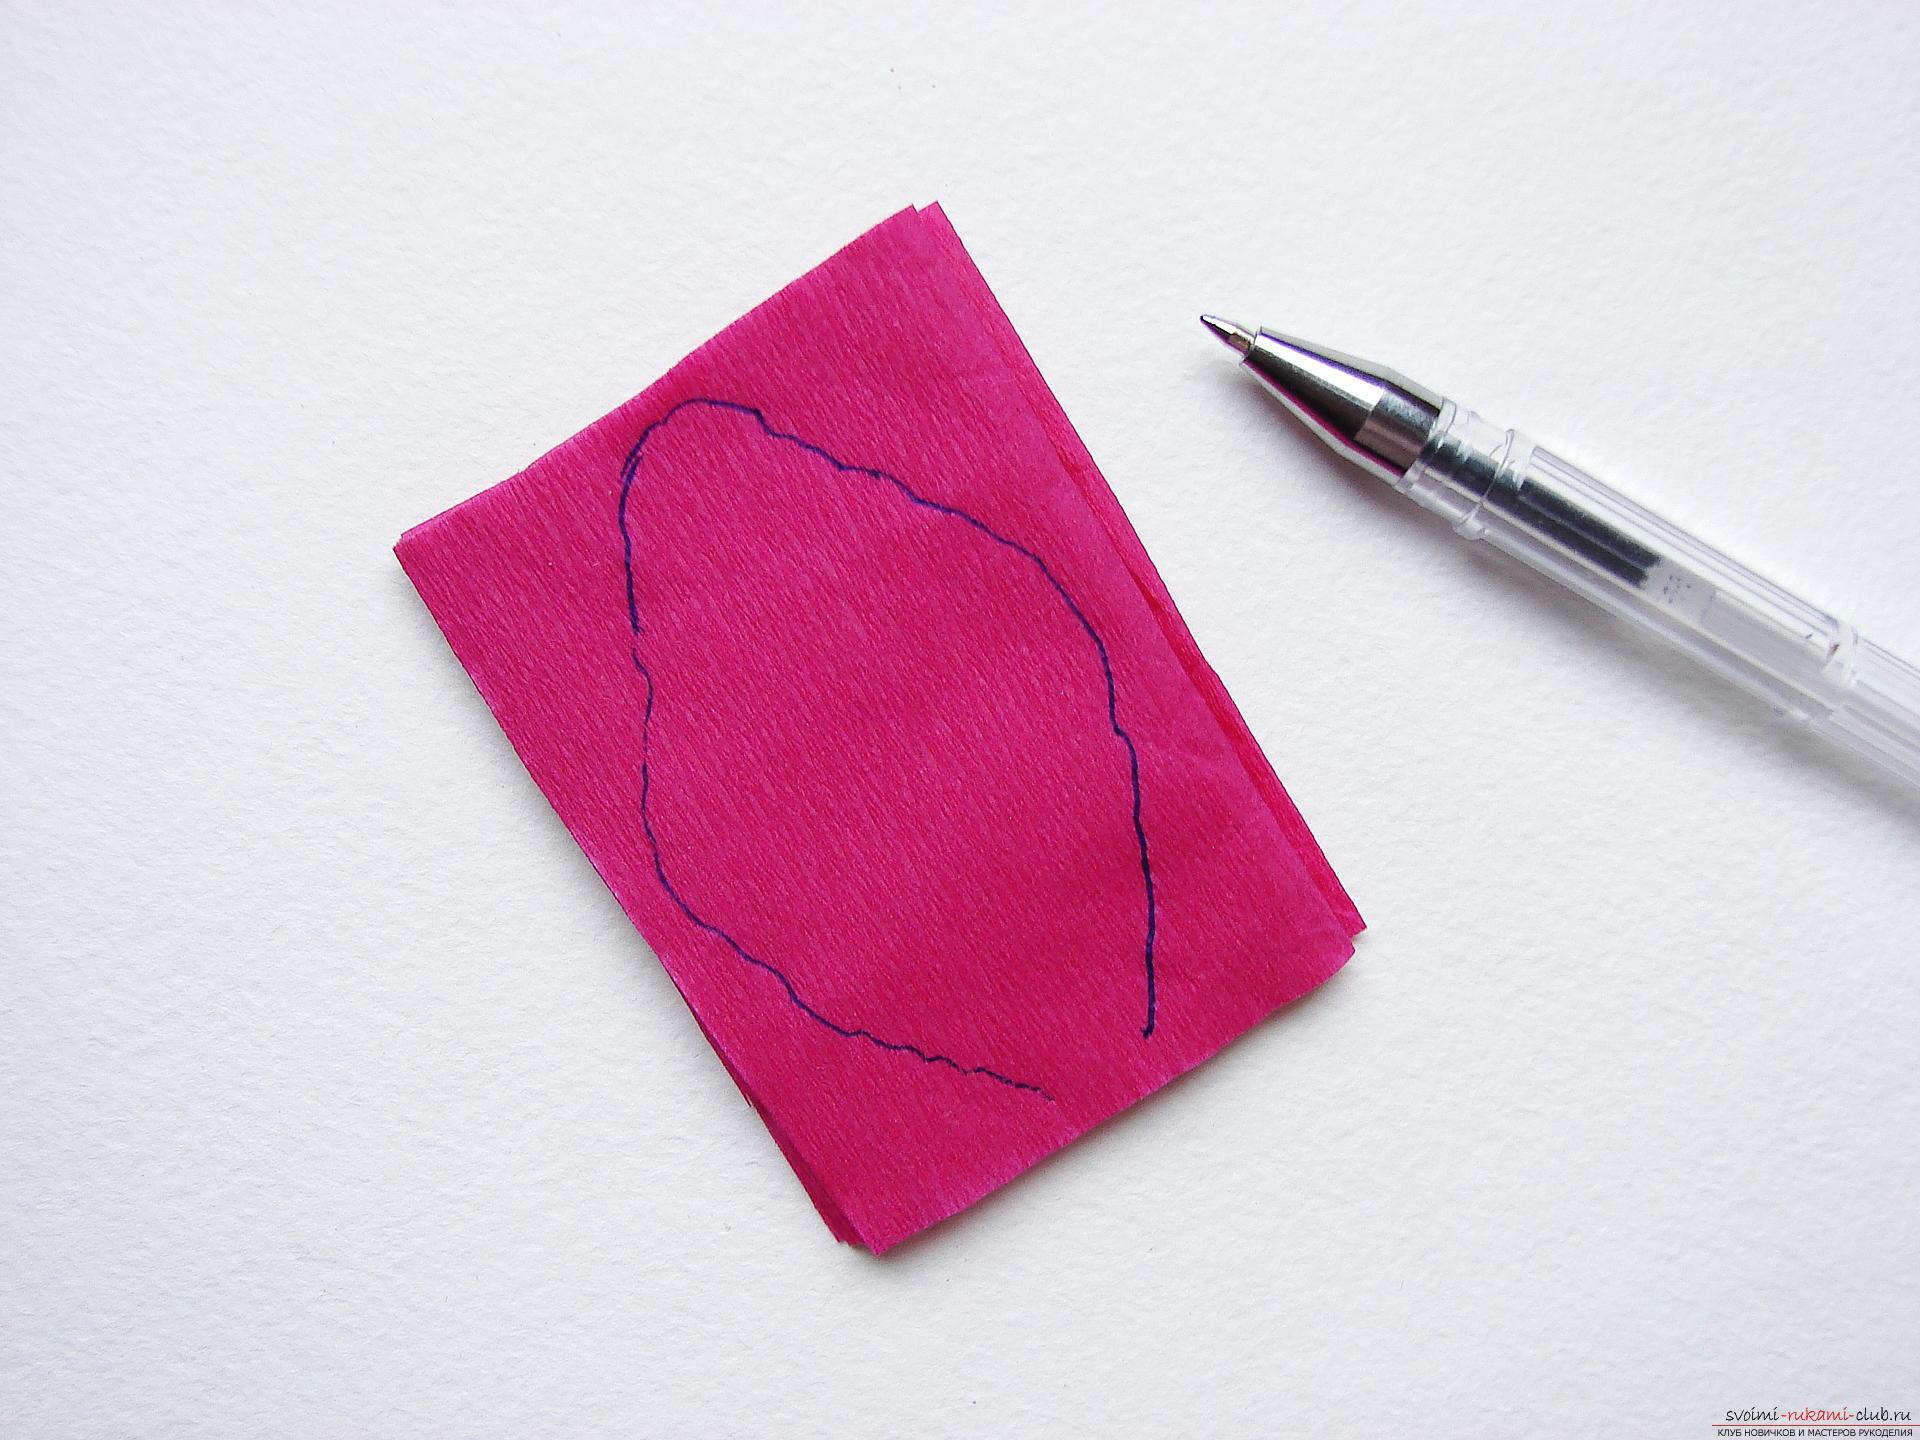 Этот мастер-класс научит как сделать цветы гладиолусы из бумаги своими руками.. Фото №5